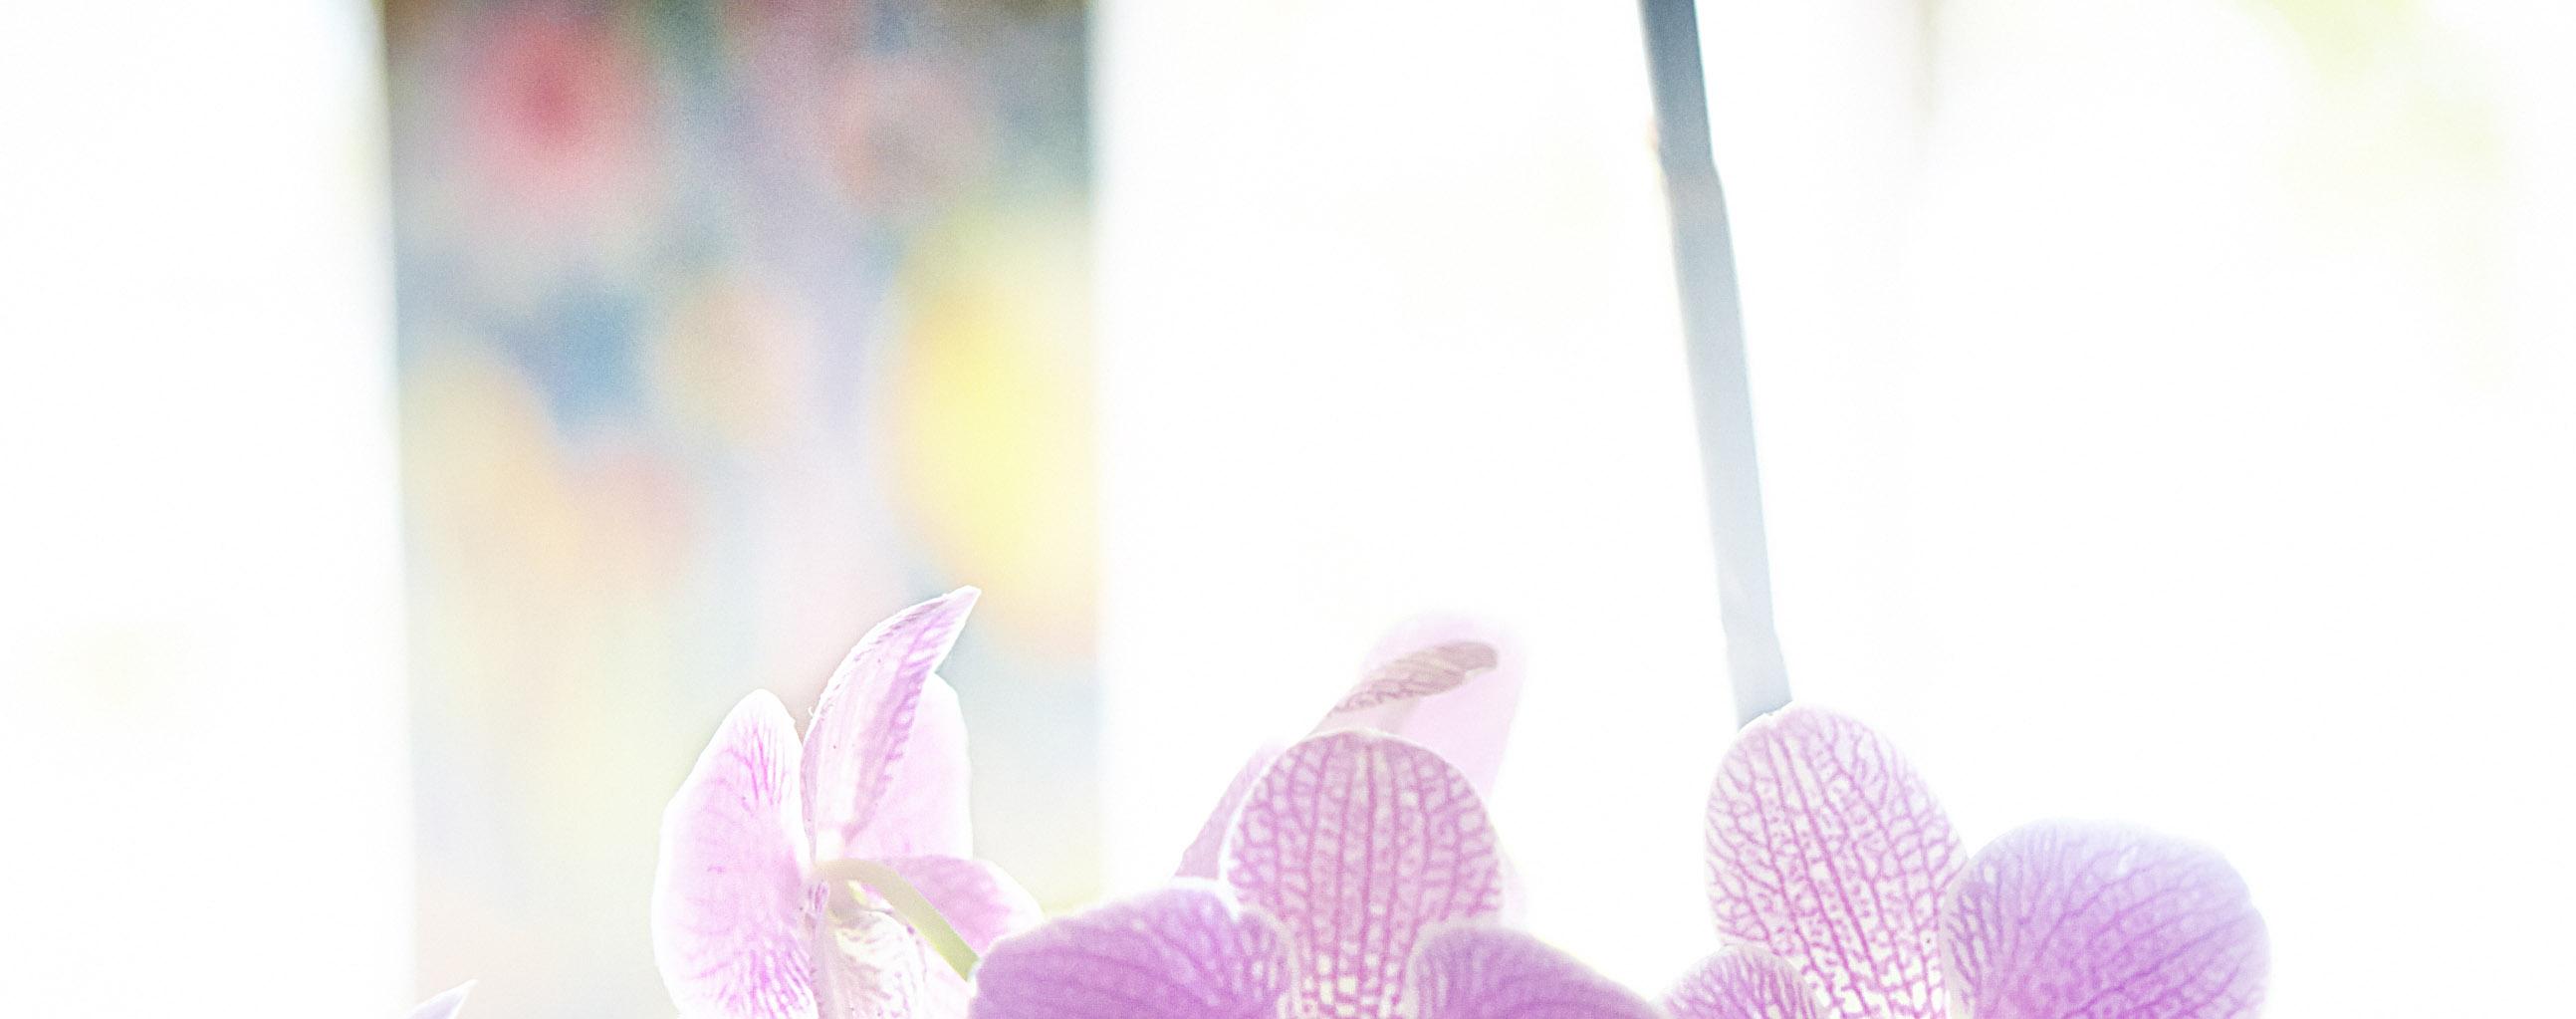 bakgrundsbild med orkidéer